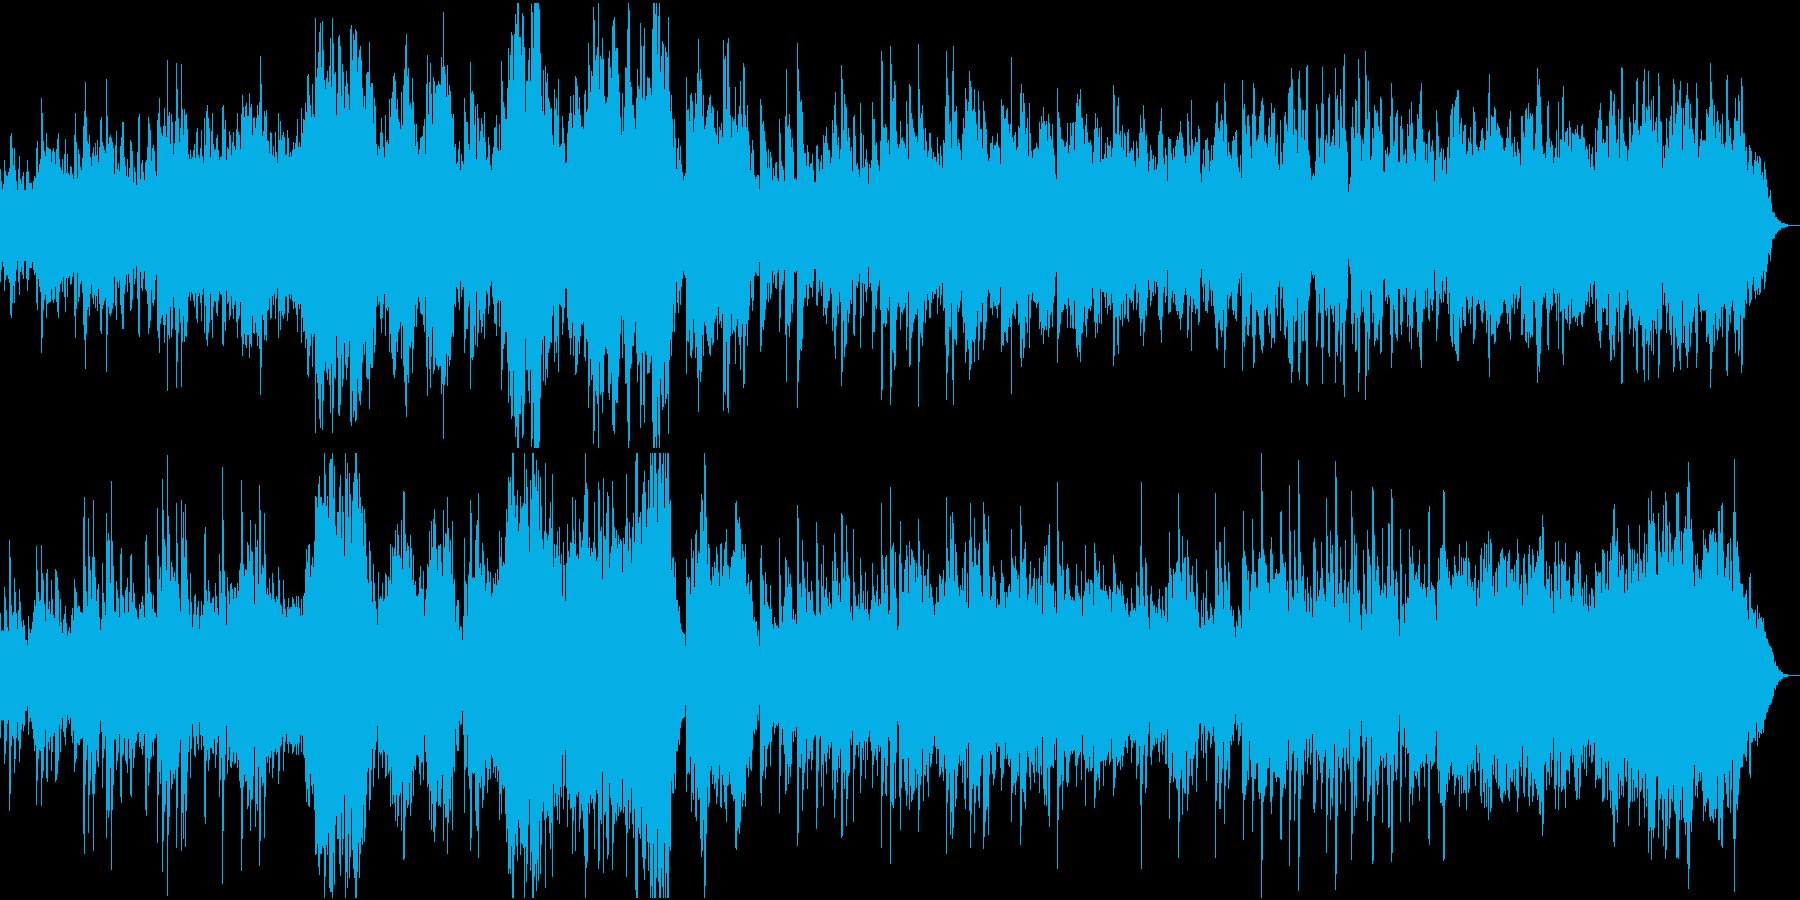 瞑想や神秘的な曲 ソルフェジオ周波数の再生済みの波形